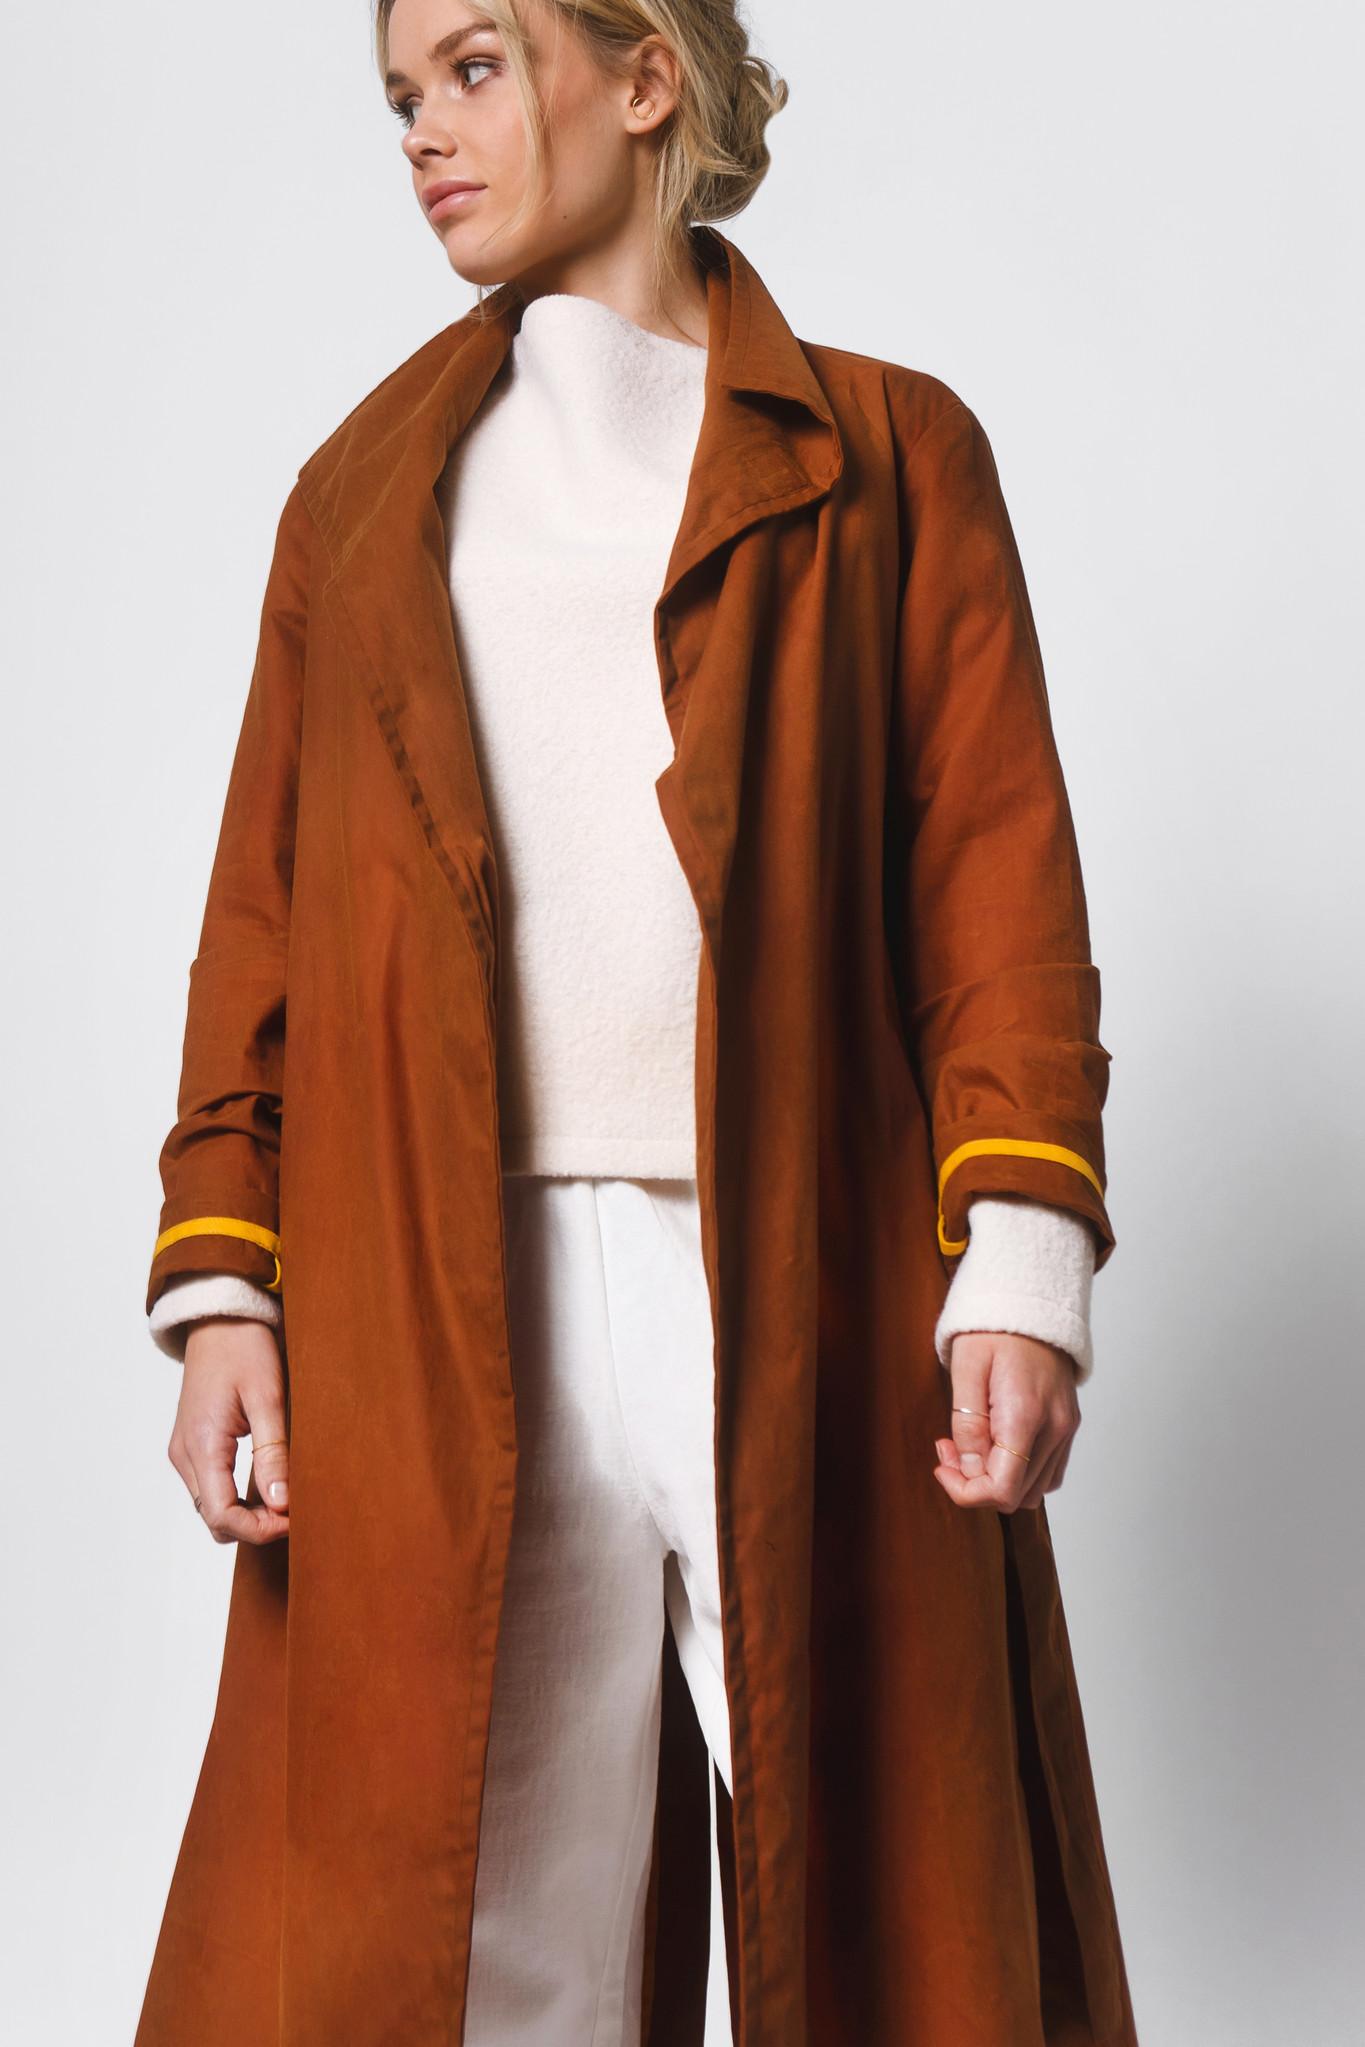 Mantel aus gewachster Bio-Baumwolle- Rostbraun-3